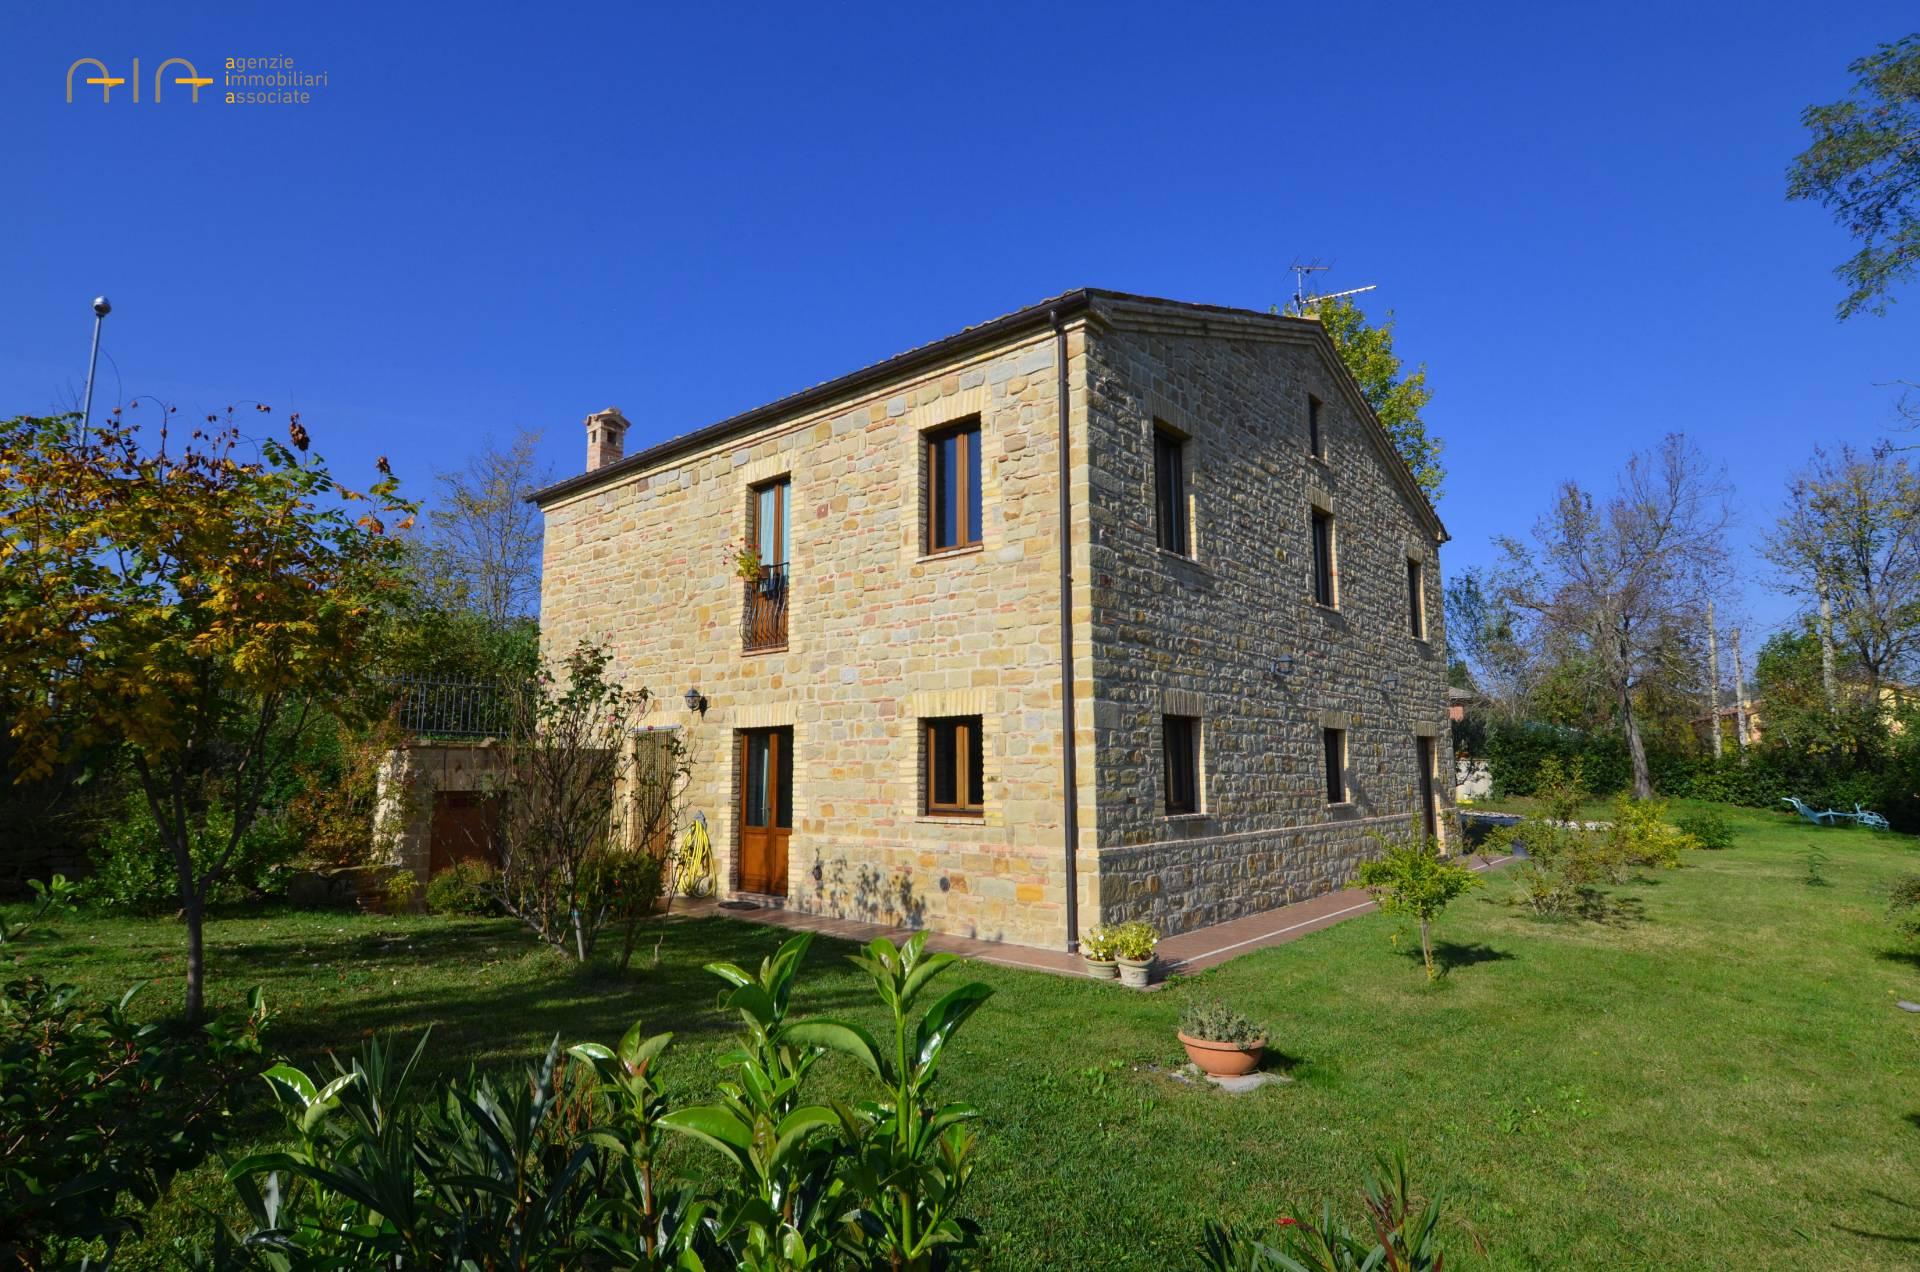 Rustico / Casale in vendita a Gualdo, 7 locali, prezzo € 420.000 | CambioCasa.it